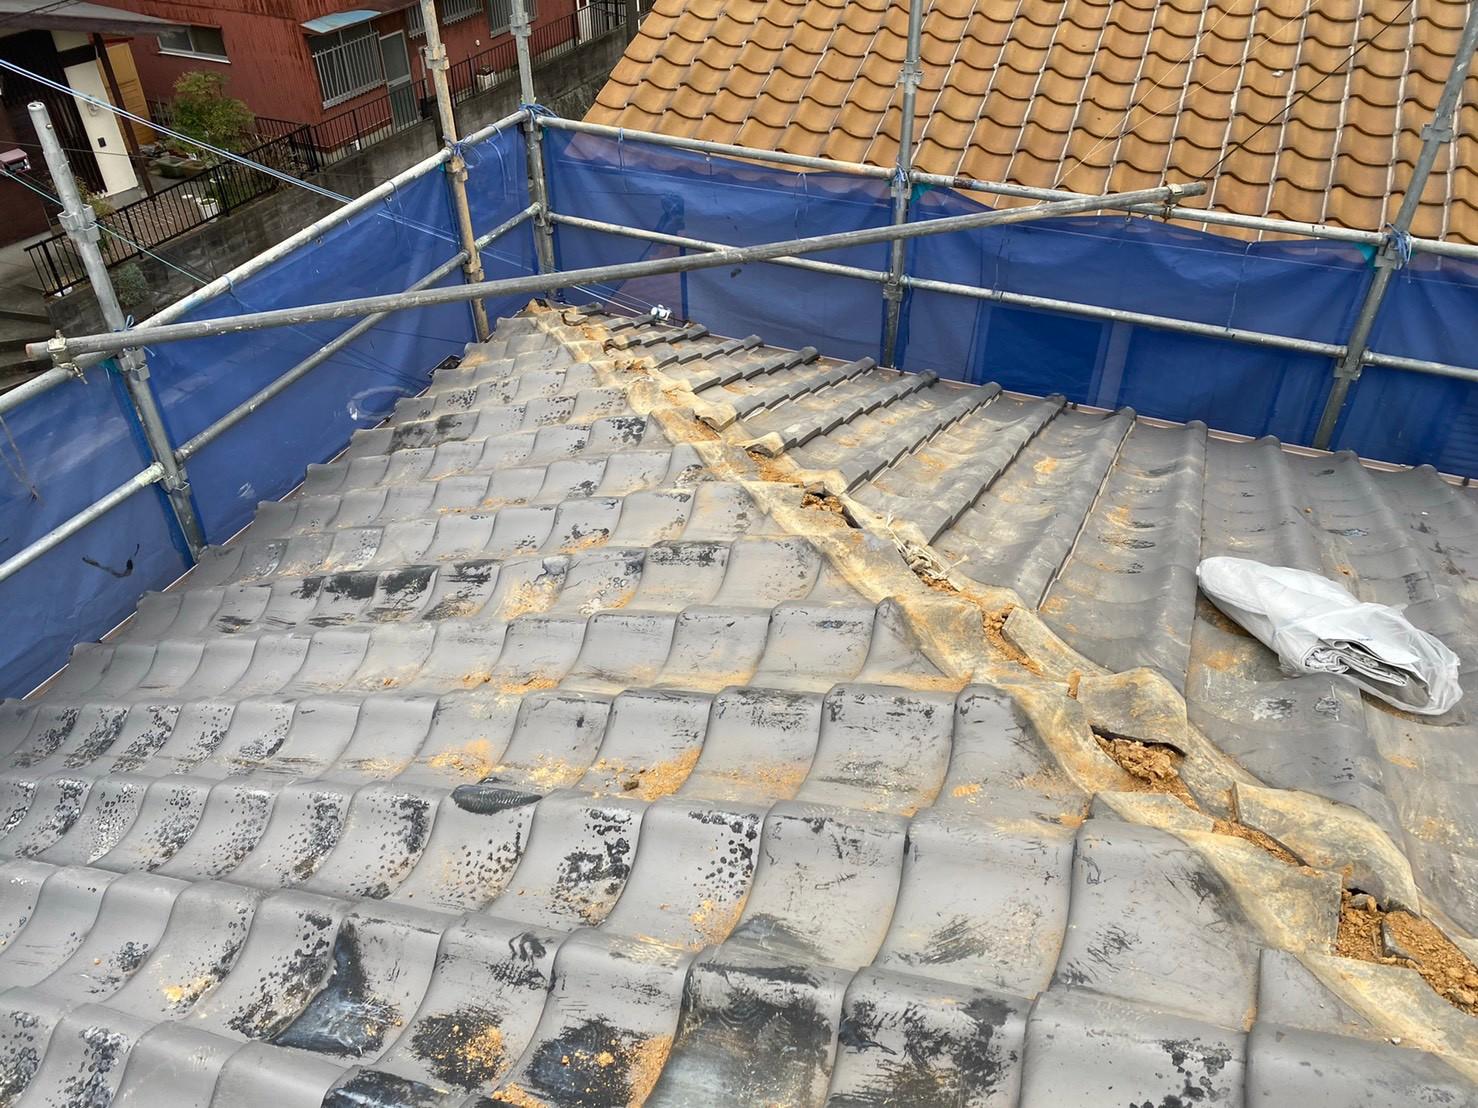 三木市での棟瓦積み替え工事で棟瓦を撤去した様子